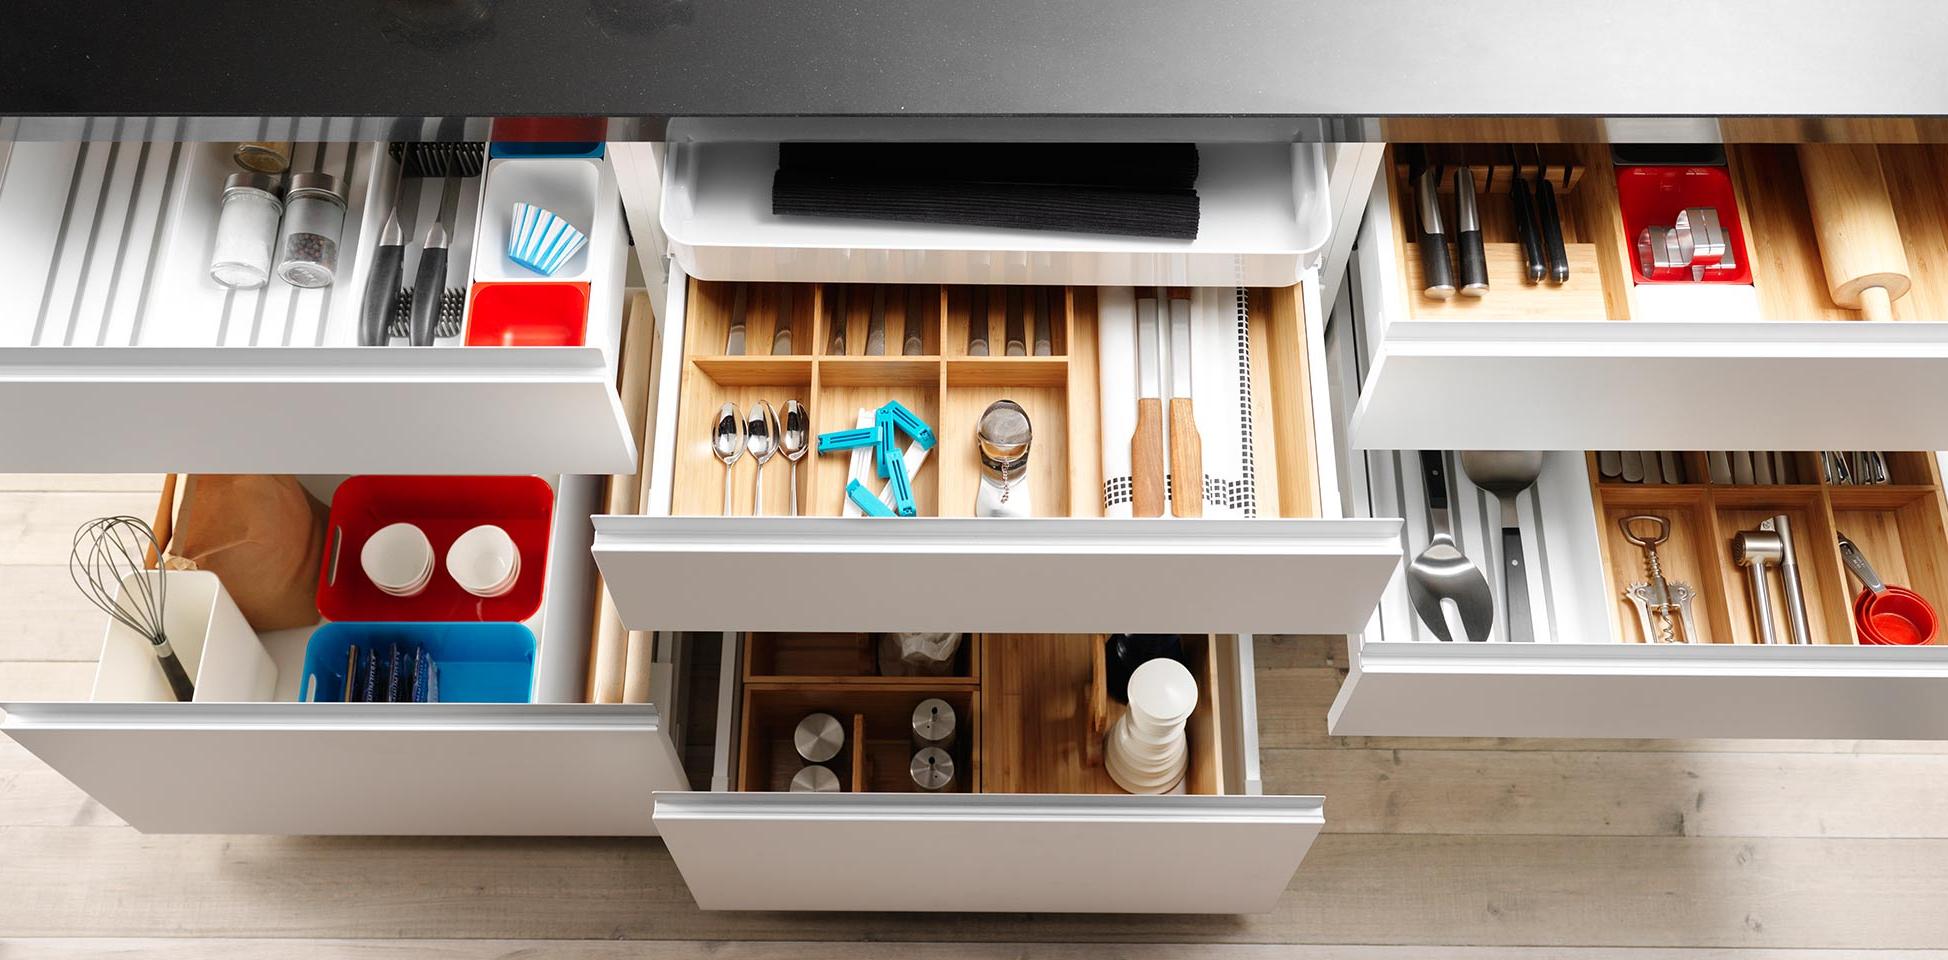 Accesorios Muebles De Cocina 3ldq 8 Accesorios Para Muebles De Cocina Realmente Prà Cticos